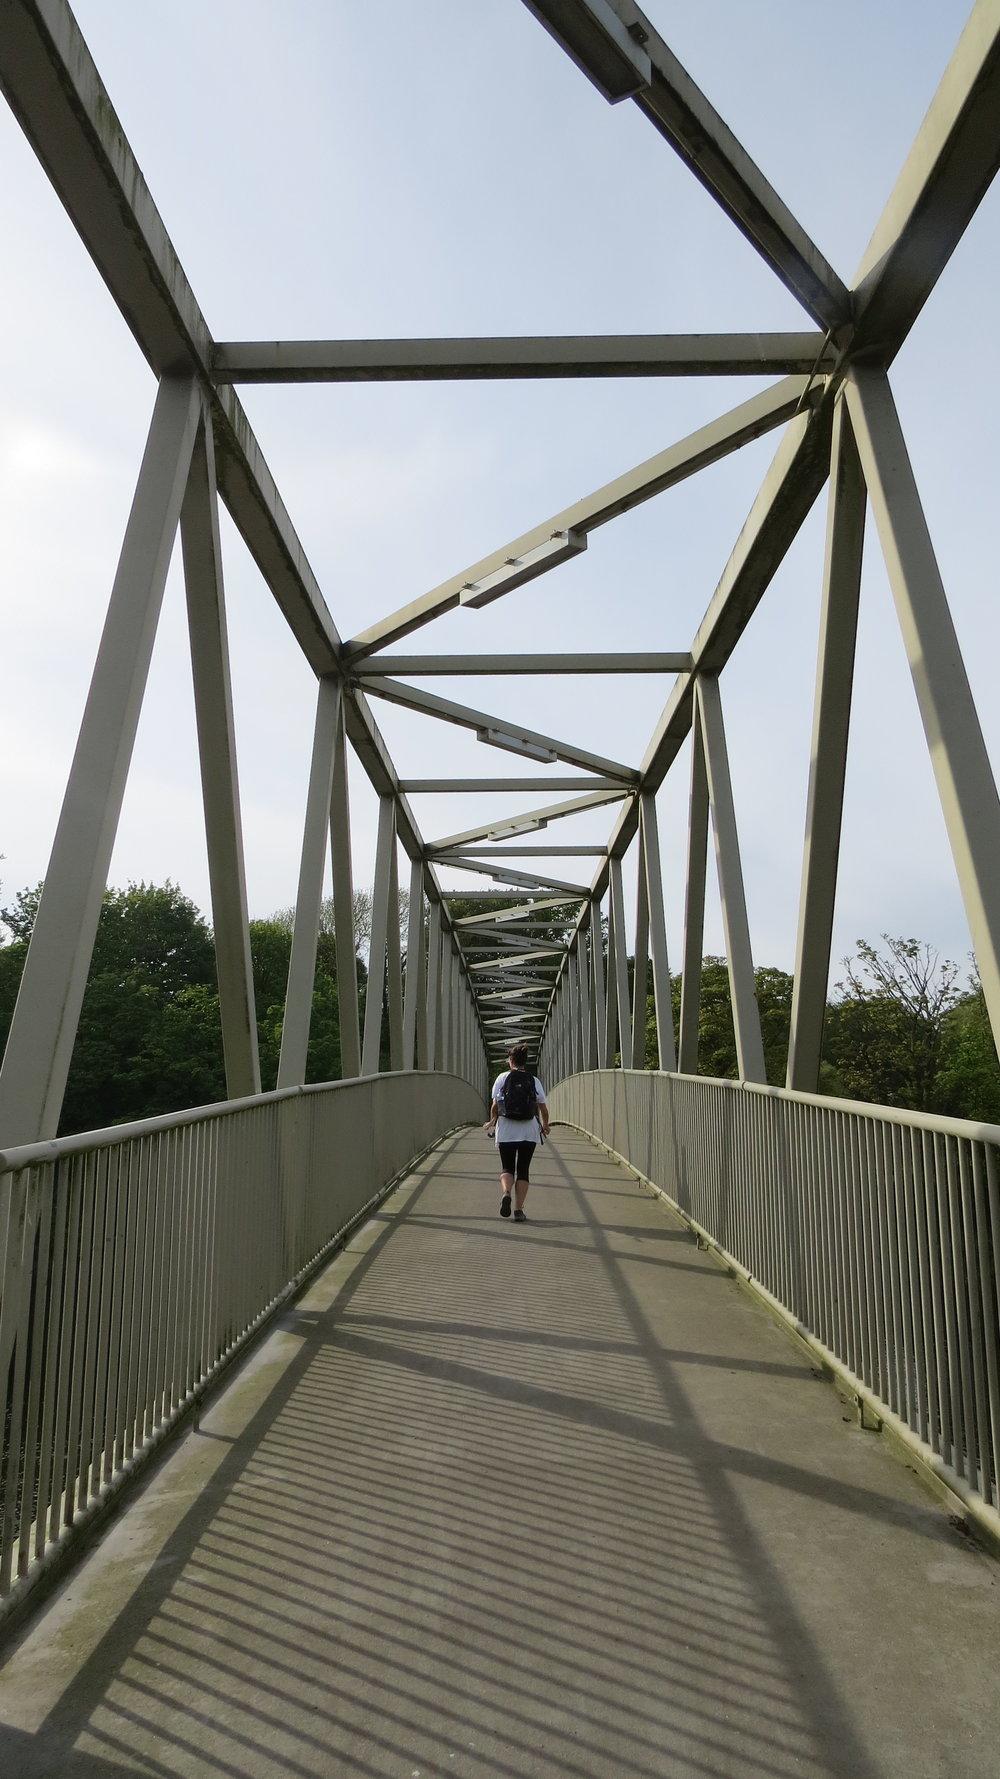 Annan Footbridge